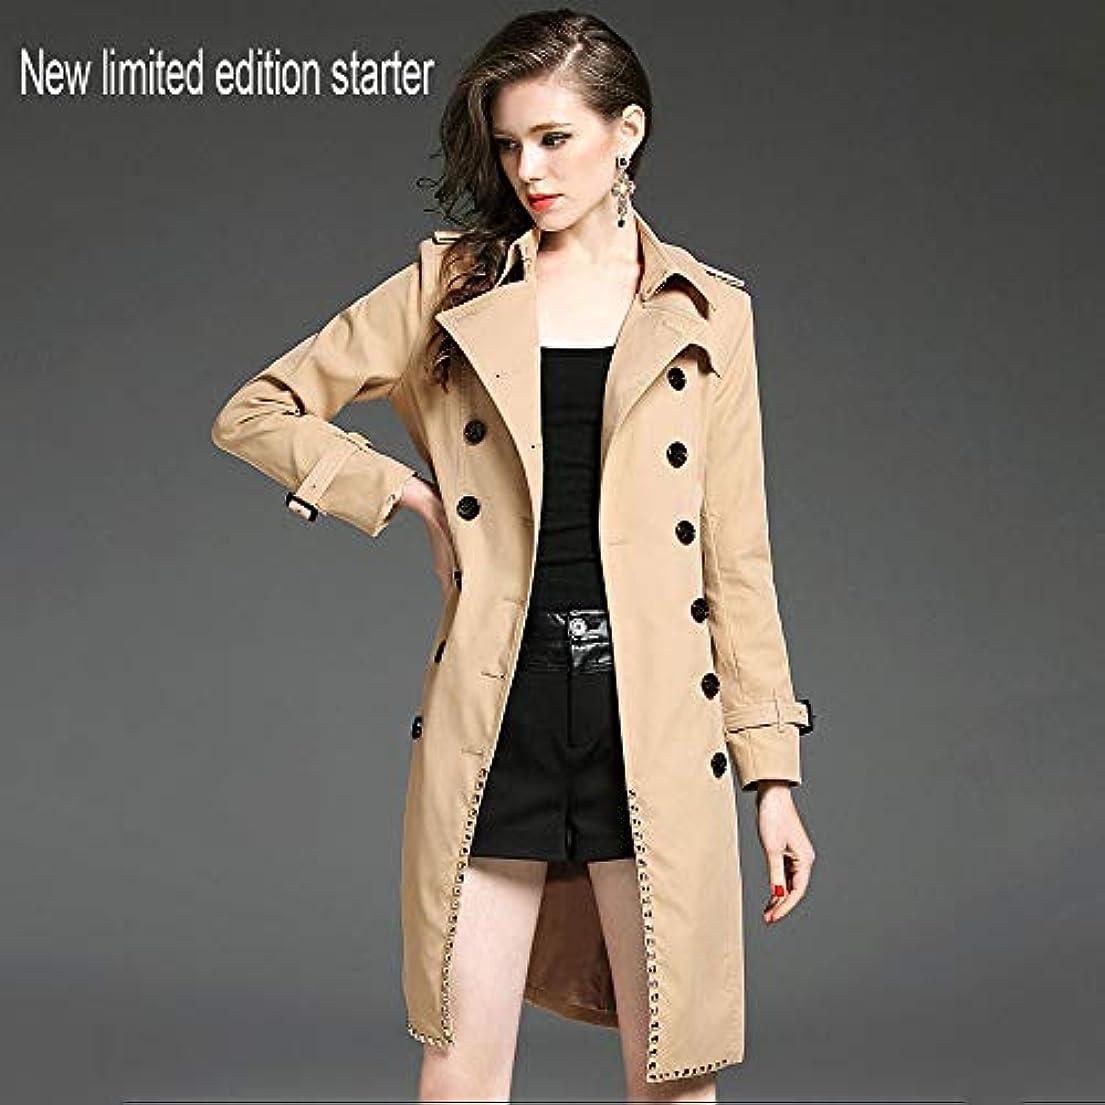 ジムハグ真似る秋の新しいコート、リベットウインドブレーカーダブルブレストジャケットスリムロング膝丈ウインドブレーカージャケットレディースジョイフルウインタージャケットコート,M